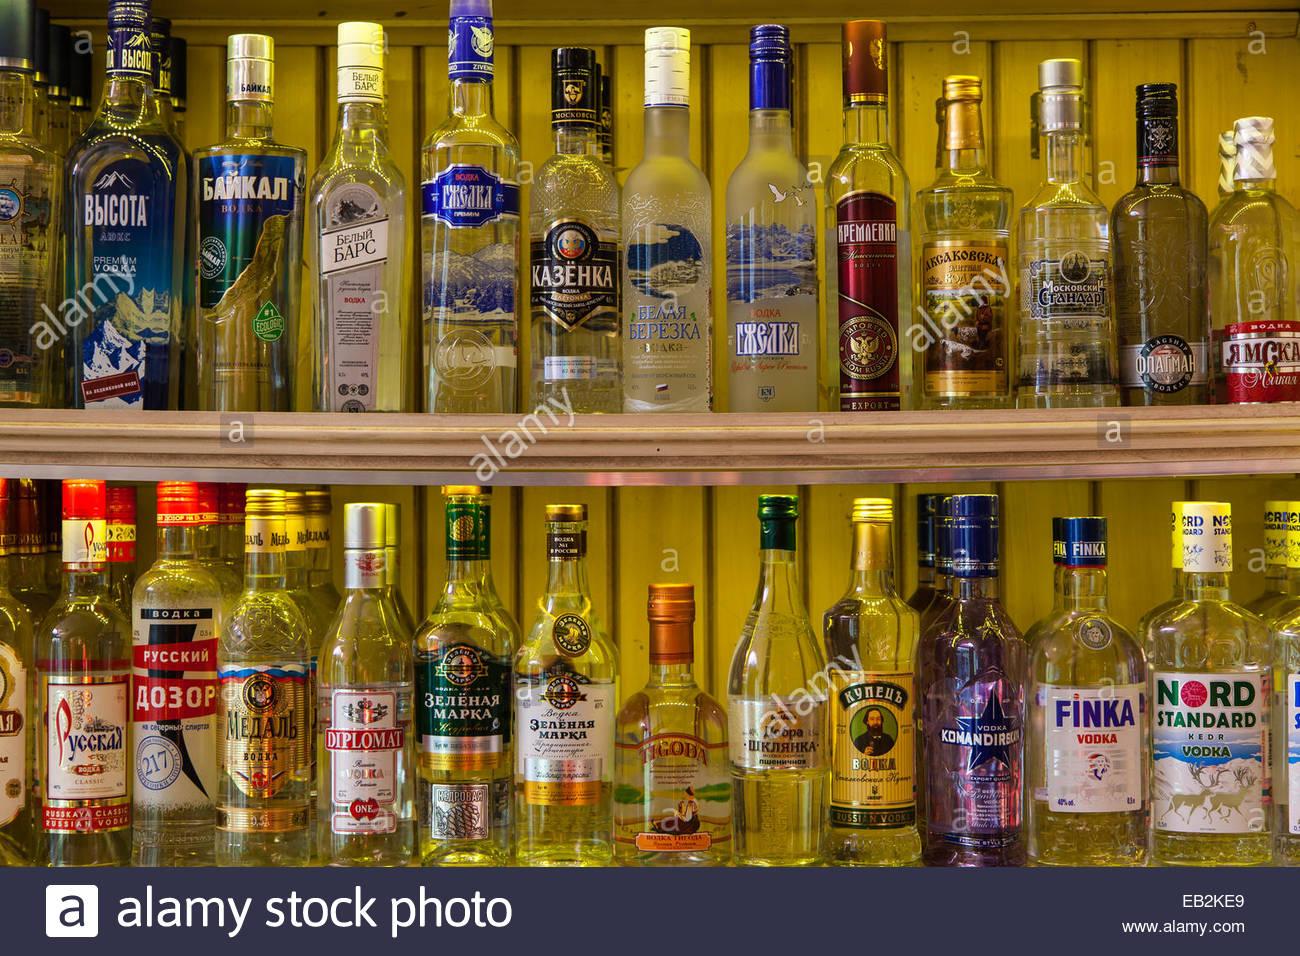 une exposition de bouteilles de diff rentes marques de vodka russe au mus e de vodka russe. Black Bedroom Furniture Sets. Home Design Ideas